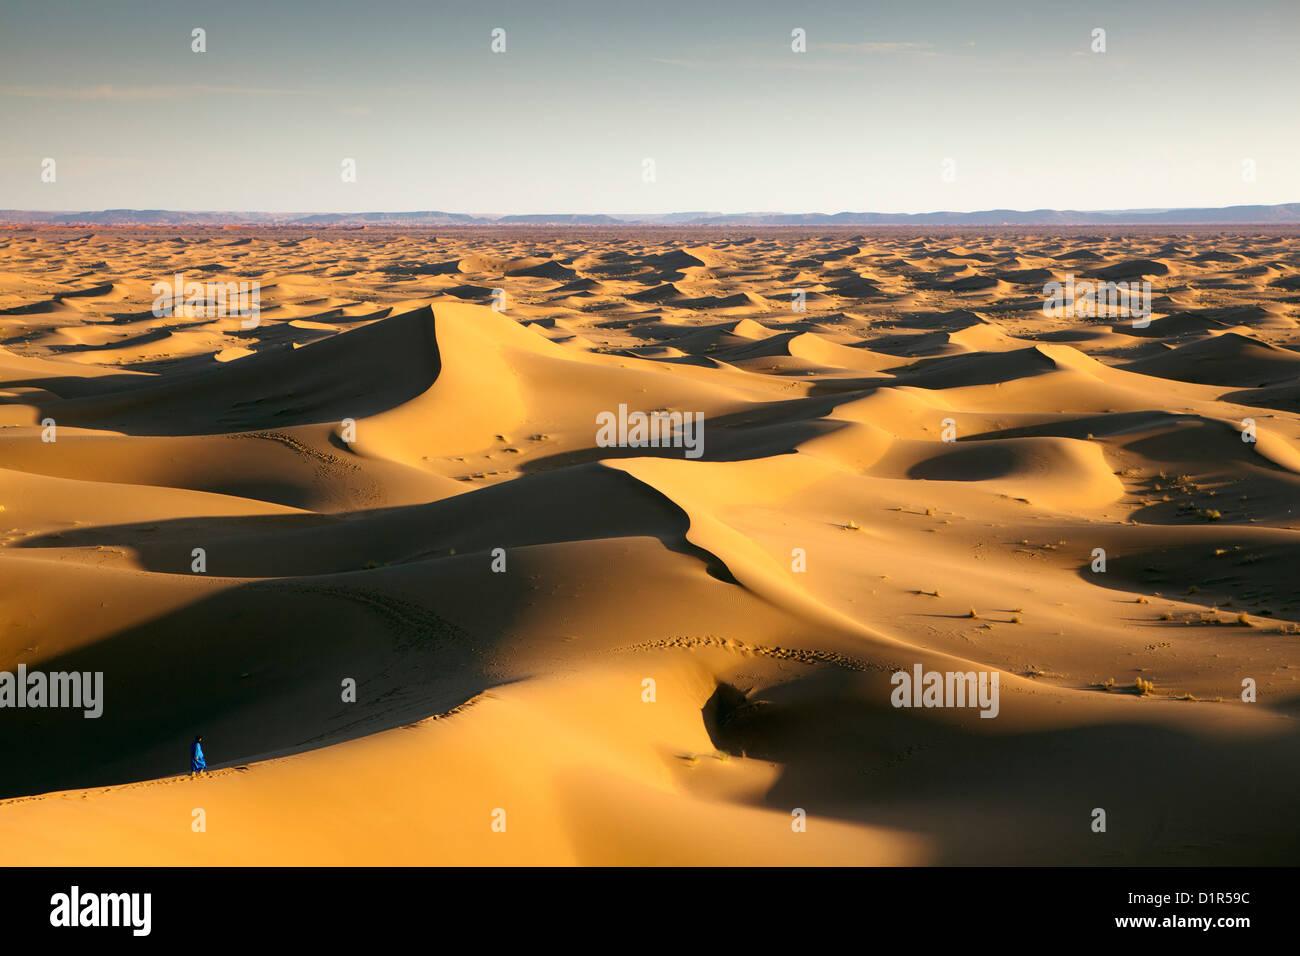 Il Marocco, M'Hamid, Erg Chigaga dune di sabbia. Deserto del Sahara. Local Berber uomo sulla duna di sabbia, Immagini Stock